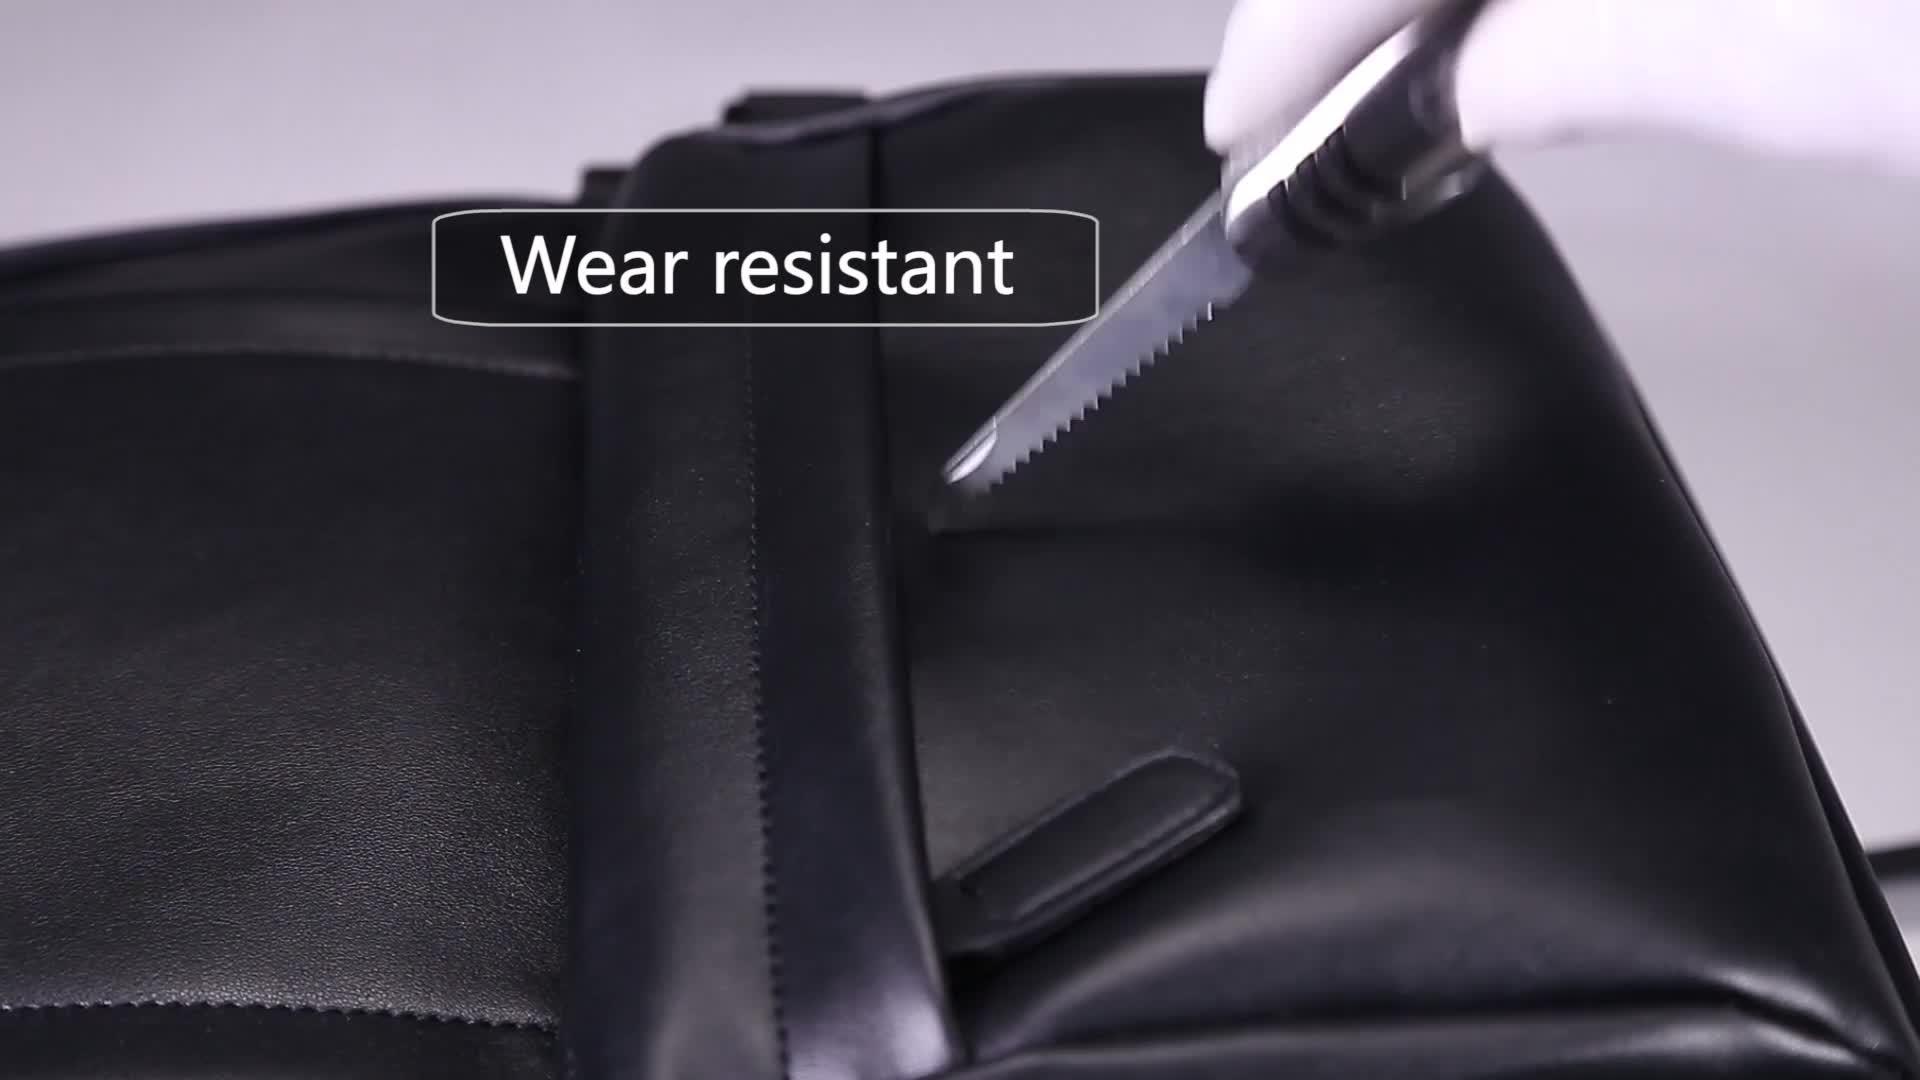 थोक गुआंगज़ौ लैपटॉप बैग कॉलेज पुरुषों बैग चमड़े वापस पैक बैग